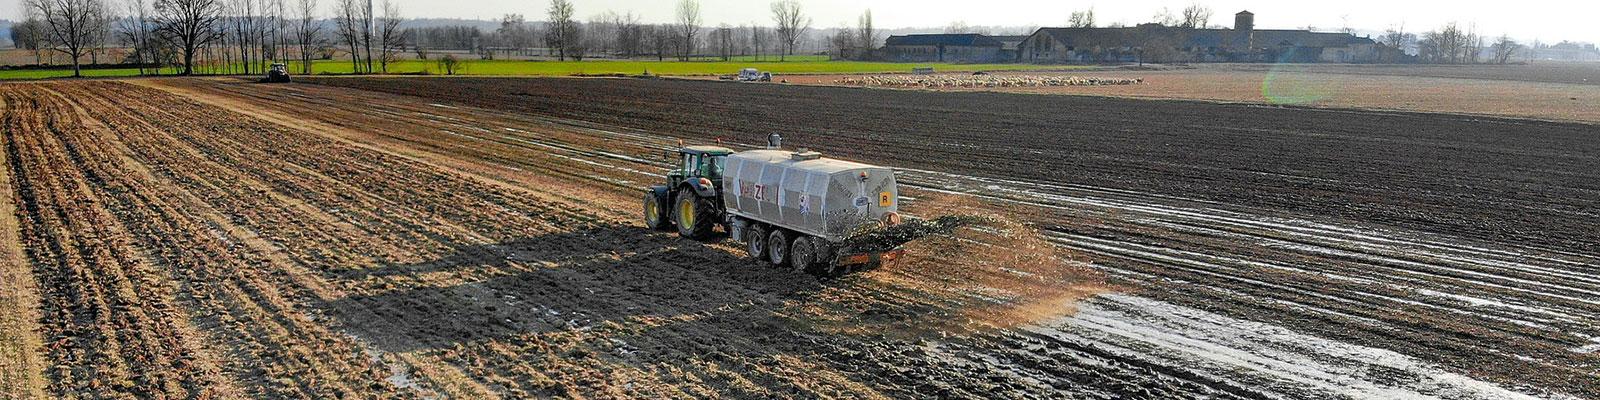 ปุ๋ย ธาตุอาหารพืช,fertilizer,micronutrients,จุลธาตุ,ธาตุอาหารรอง,ธาตุอาหารเสริม